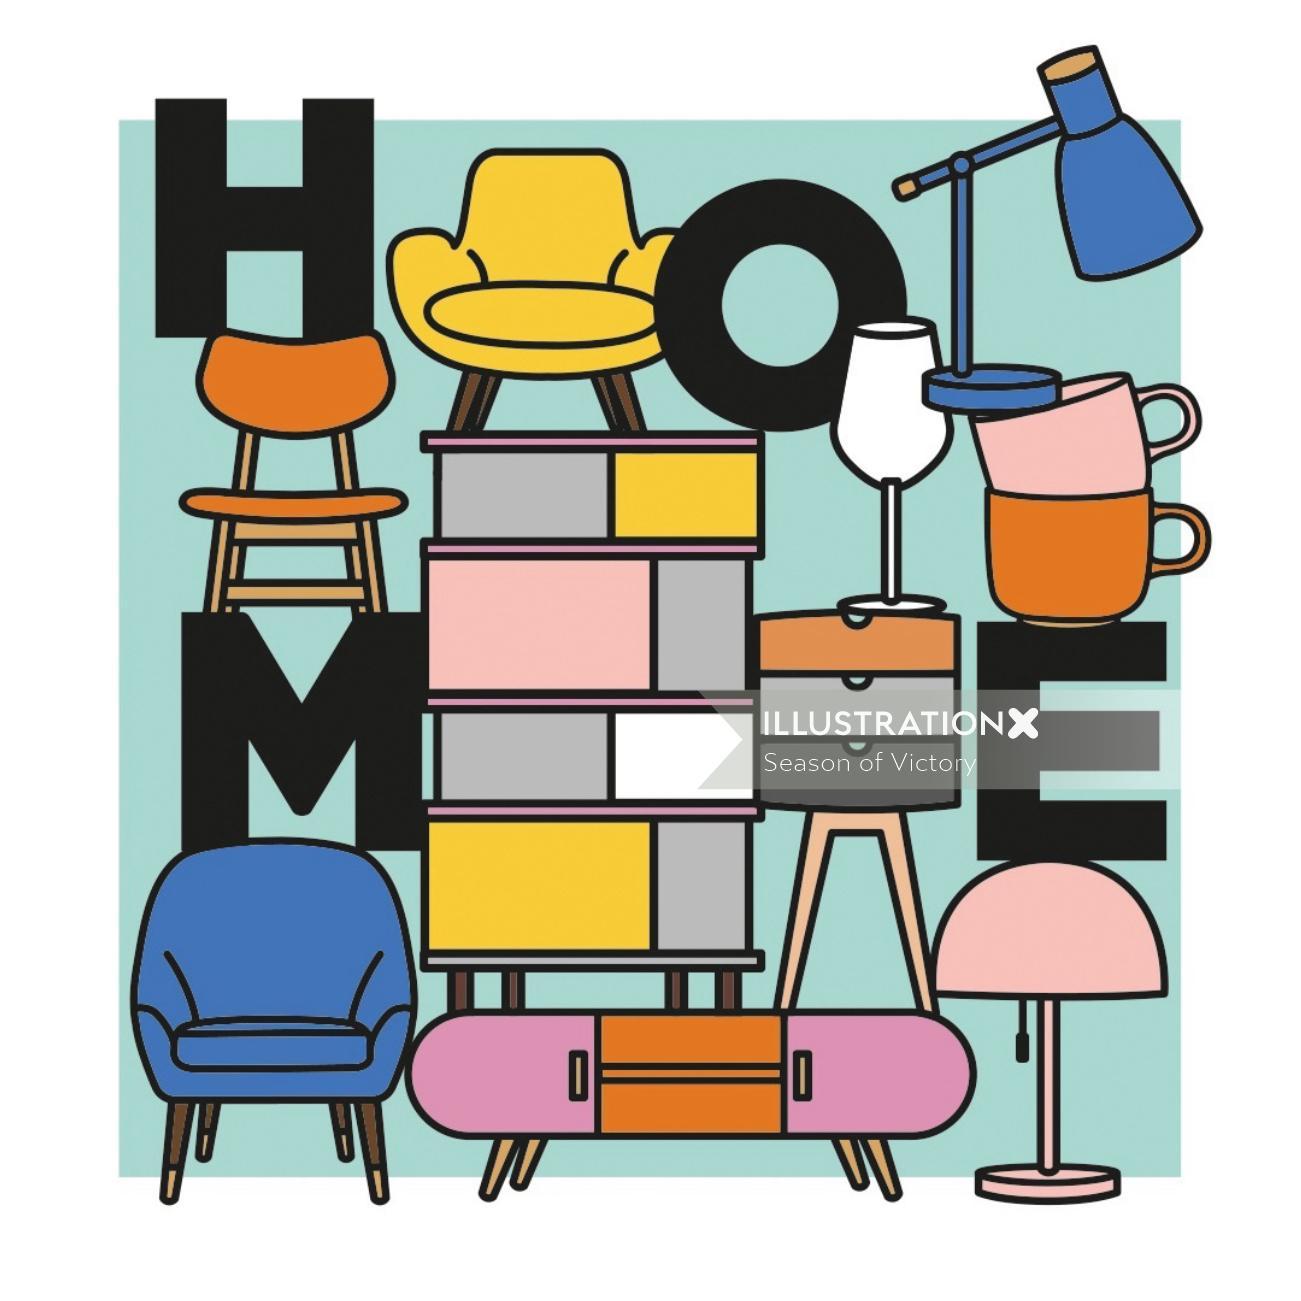 furniture, interior, homeware, modern, pattern, furniture, print, poster, interior, homeware, chair,